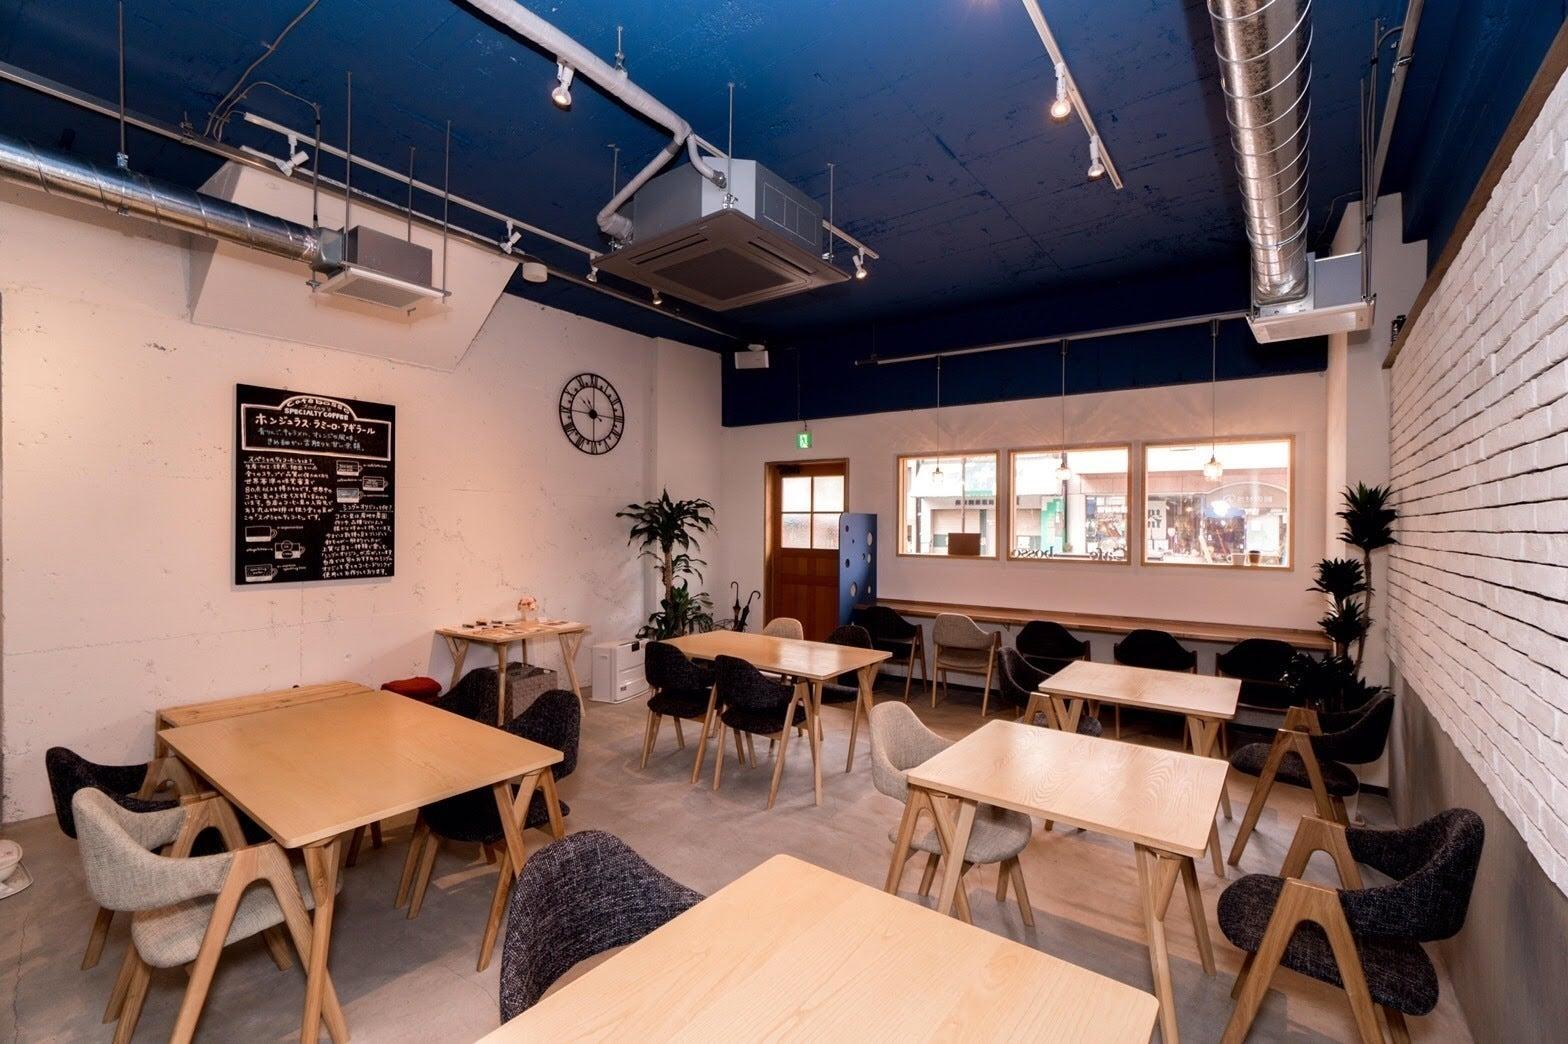 【長野県上田市】ゆったり解放感のあるカフェ。新幹線の駅近で良アクセス!(【長野県上田市】ゆったり解放感のあるカフェ。新幹線の駅近で良アクセス!) の写真0